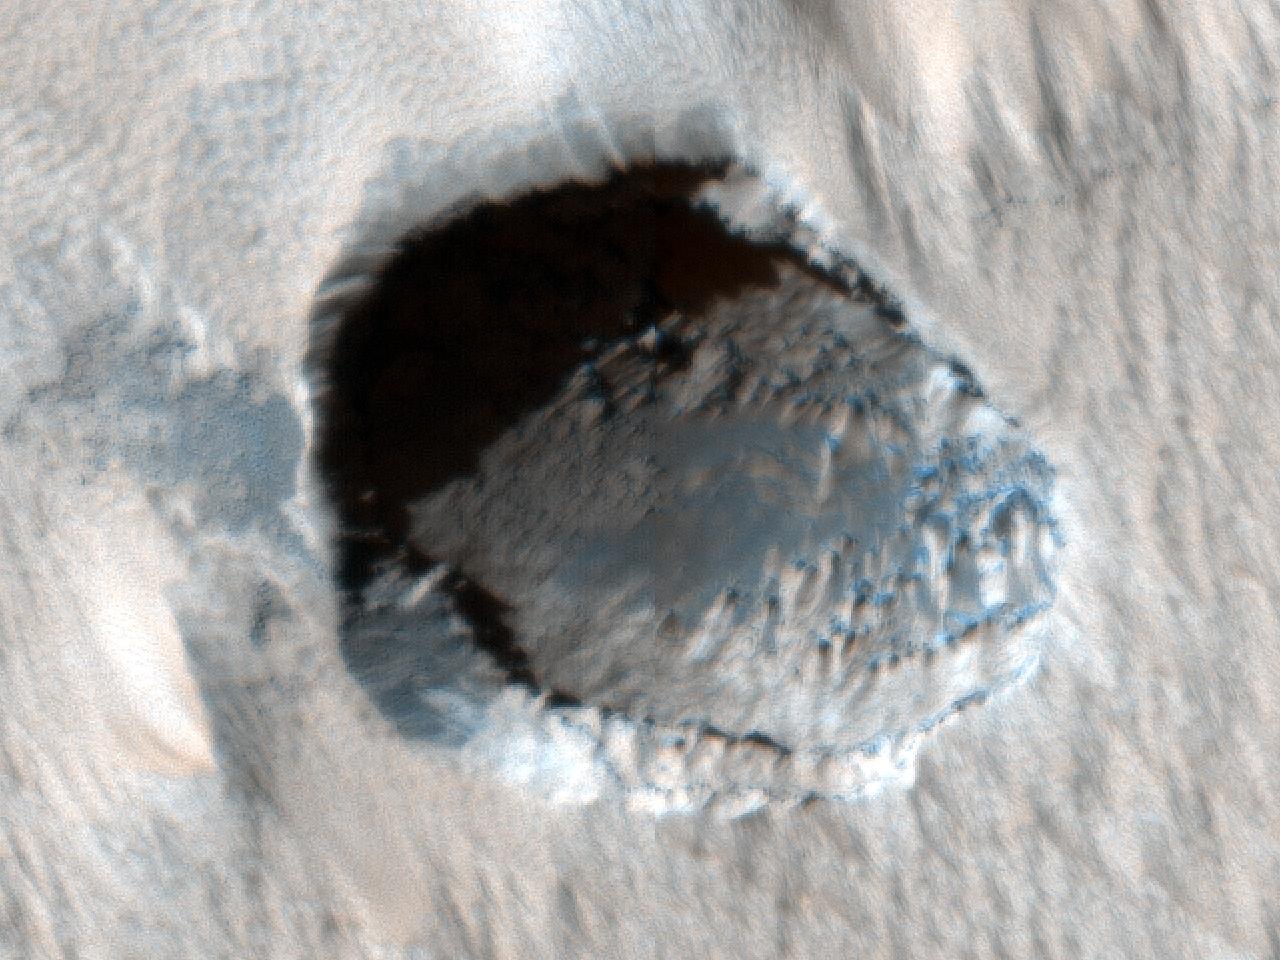 Cavitate în apropiere de Arsia Mons